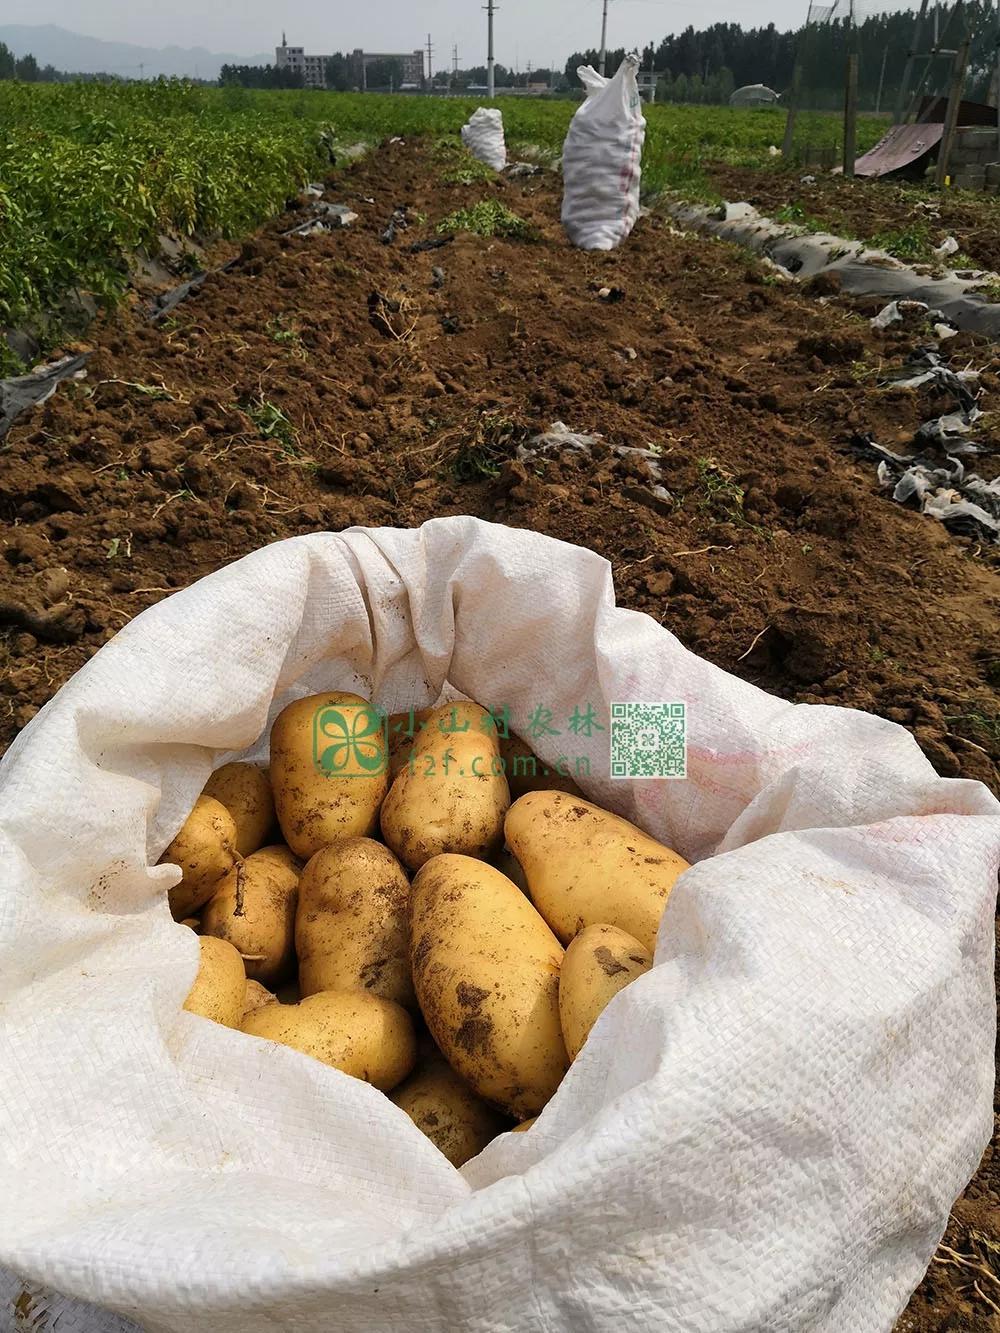 装袋的土豆。